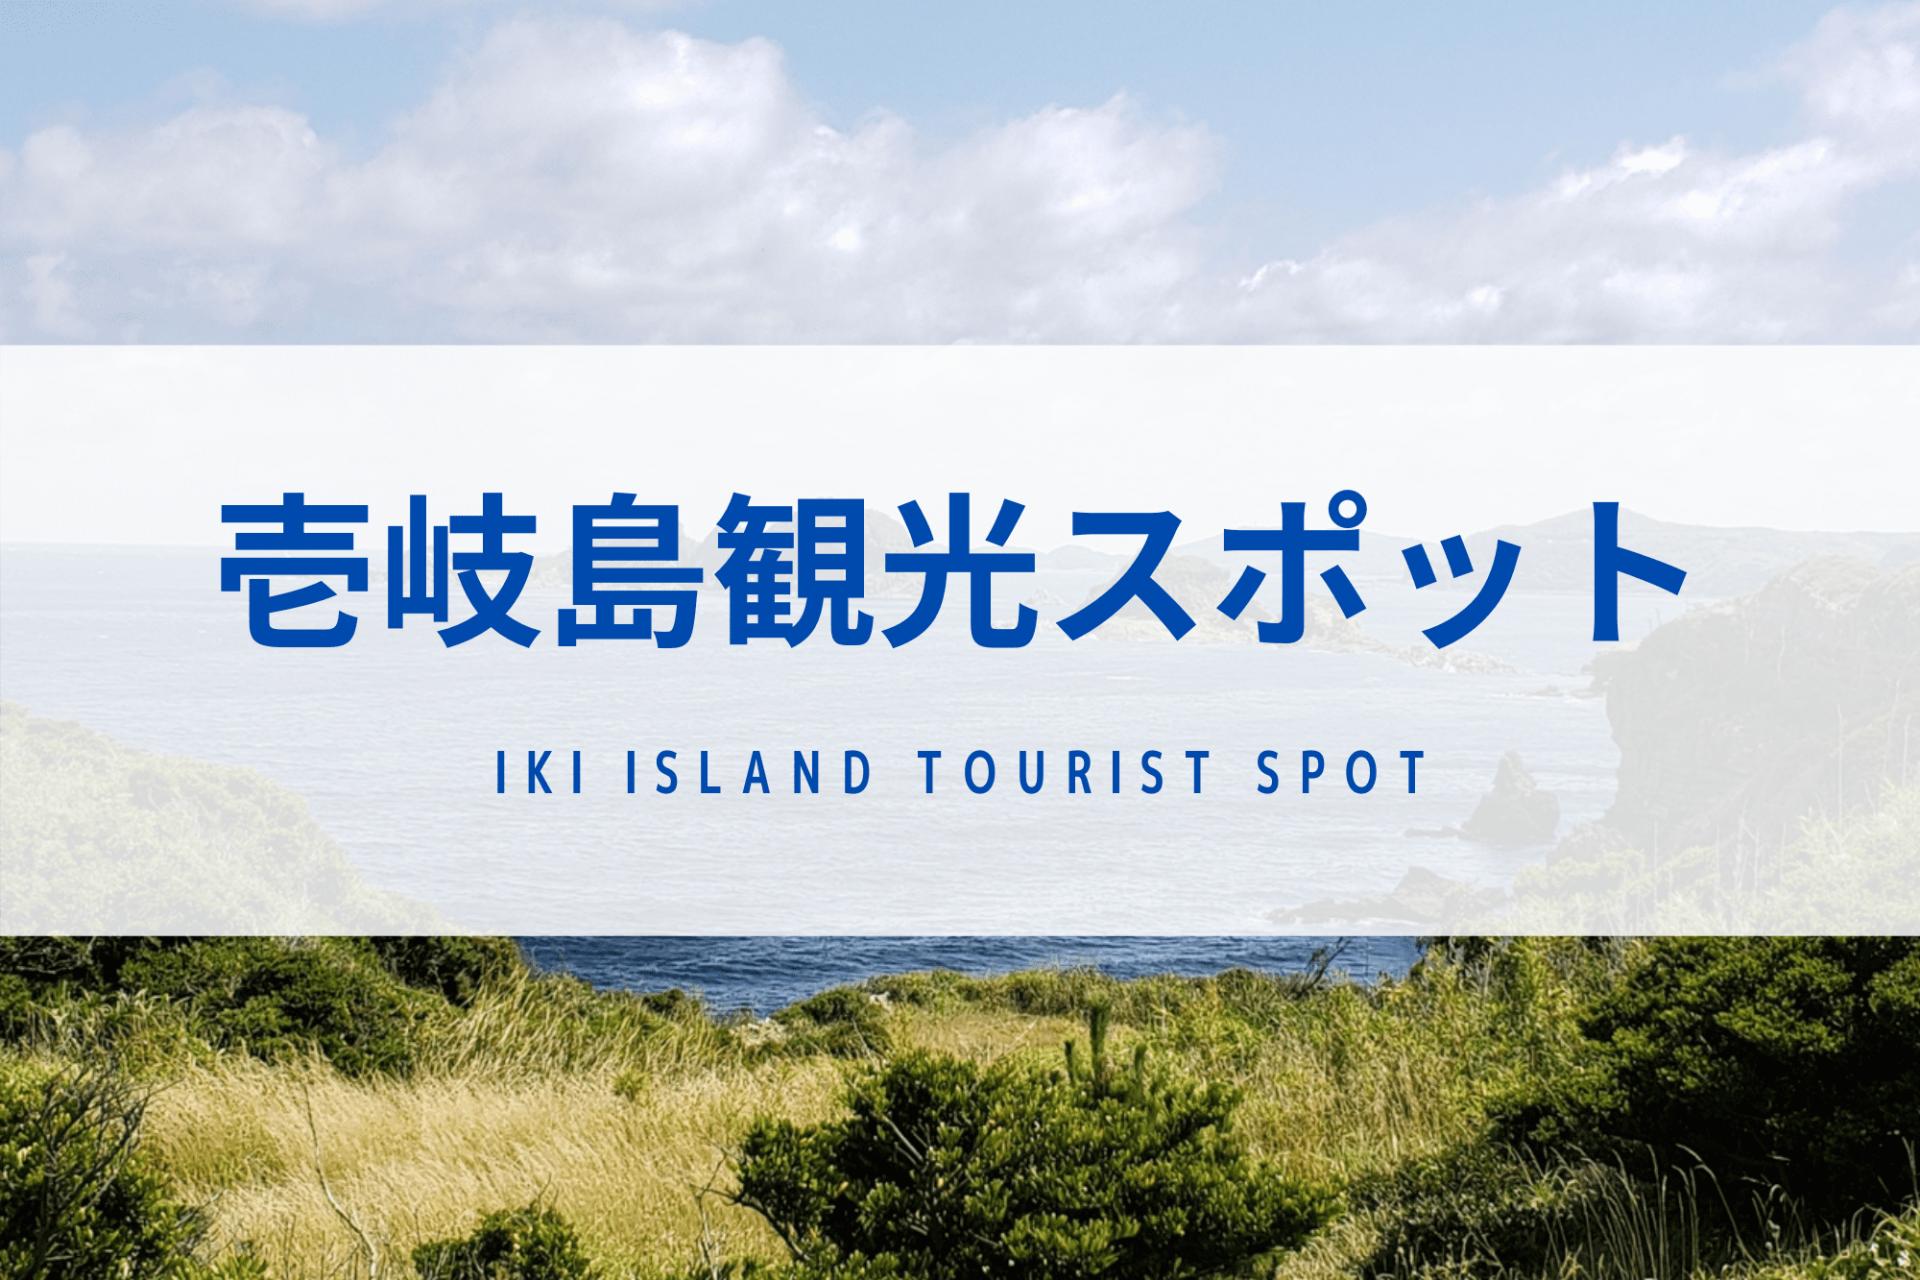 長崎 壱岐島 観光 スポット 地 おすすめ 旅行